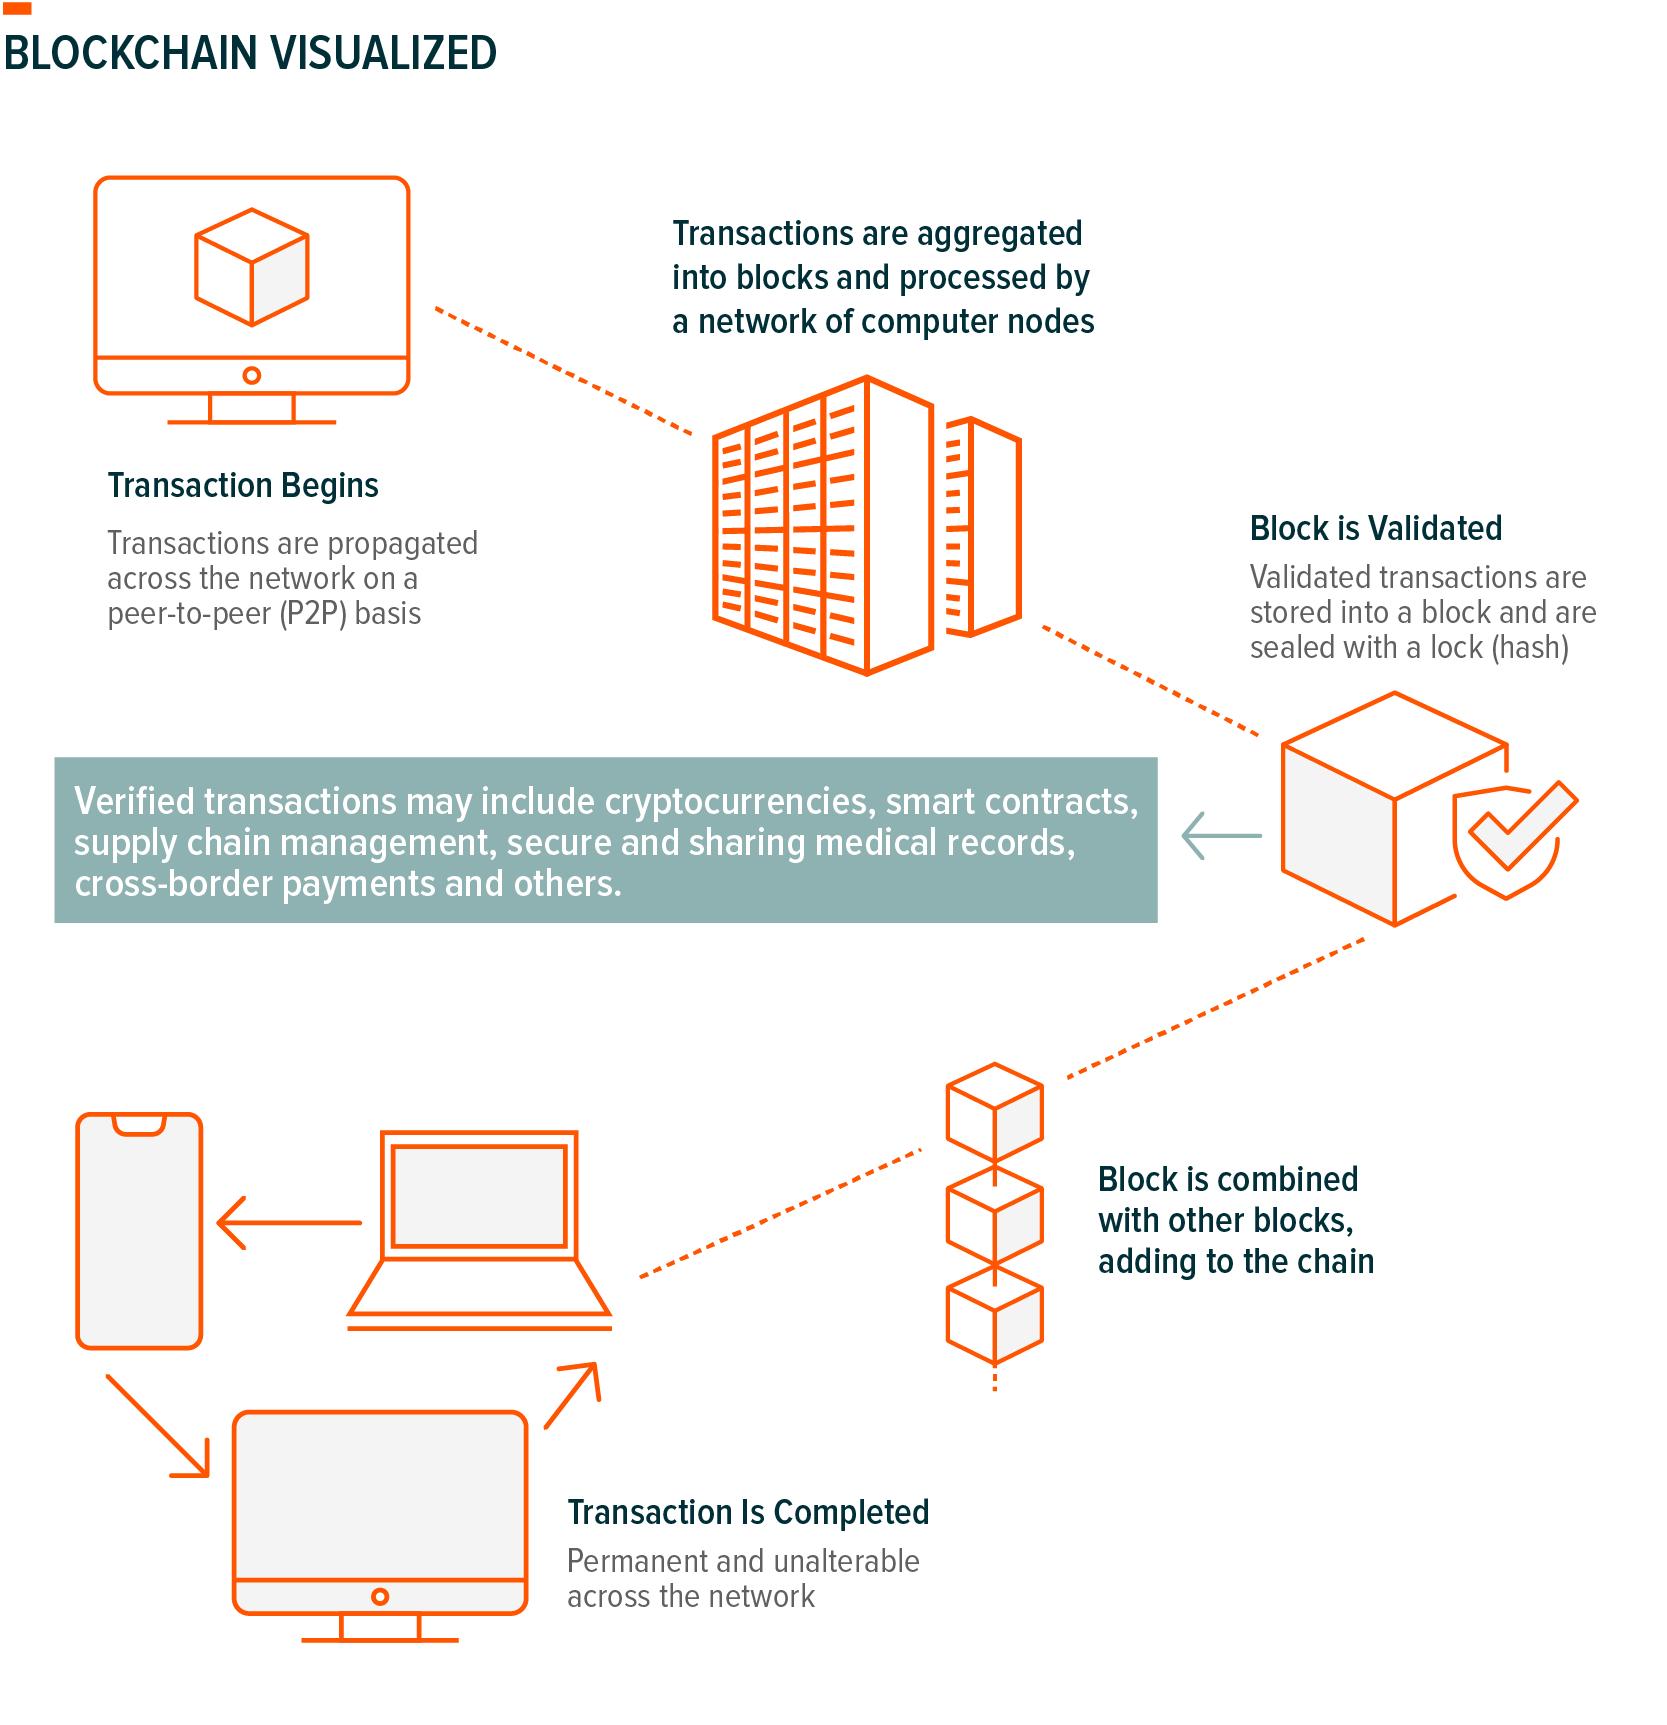 Blockchain Visualized, Explained